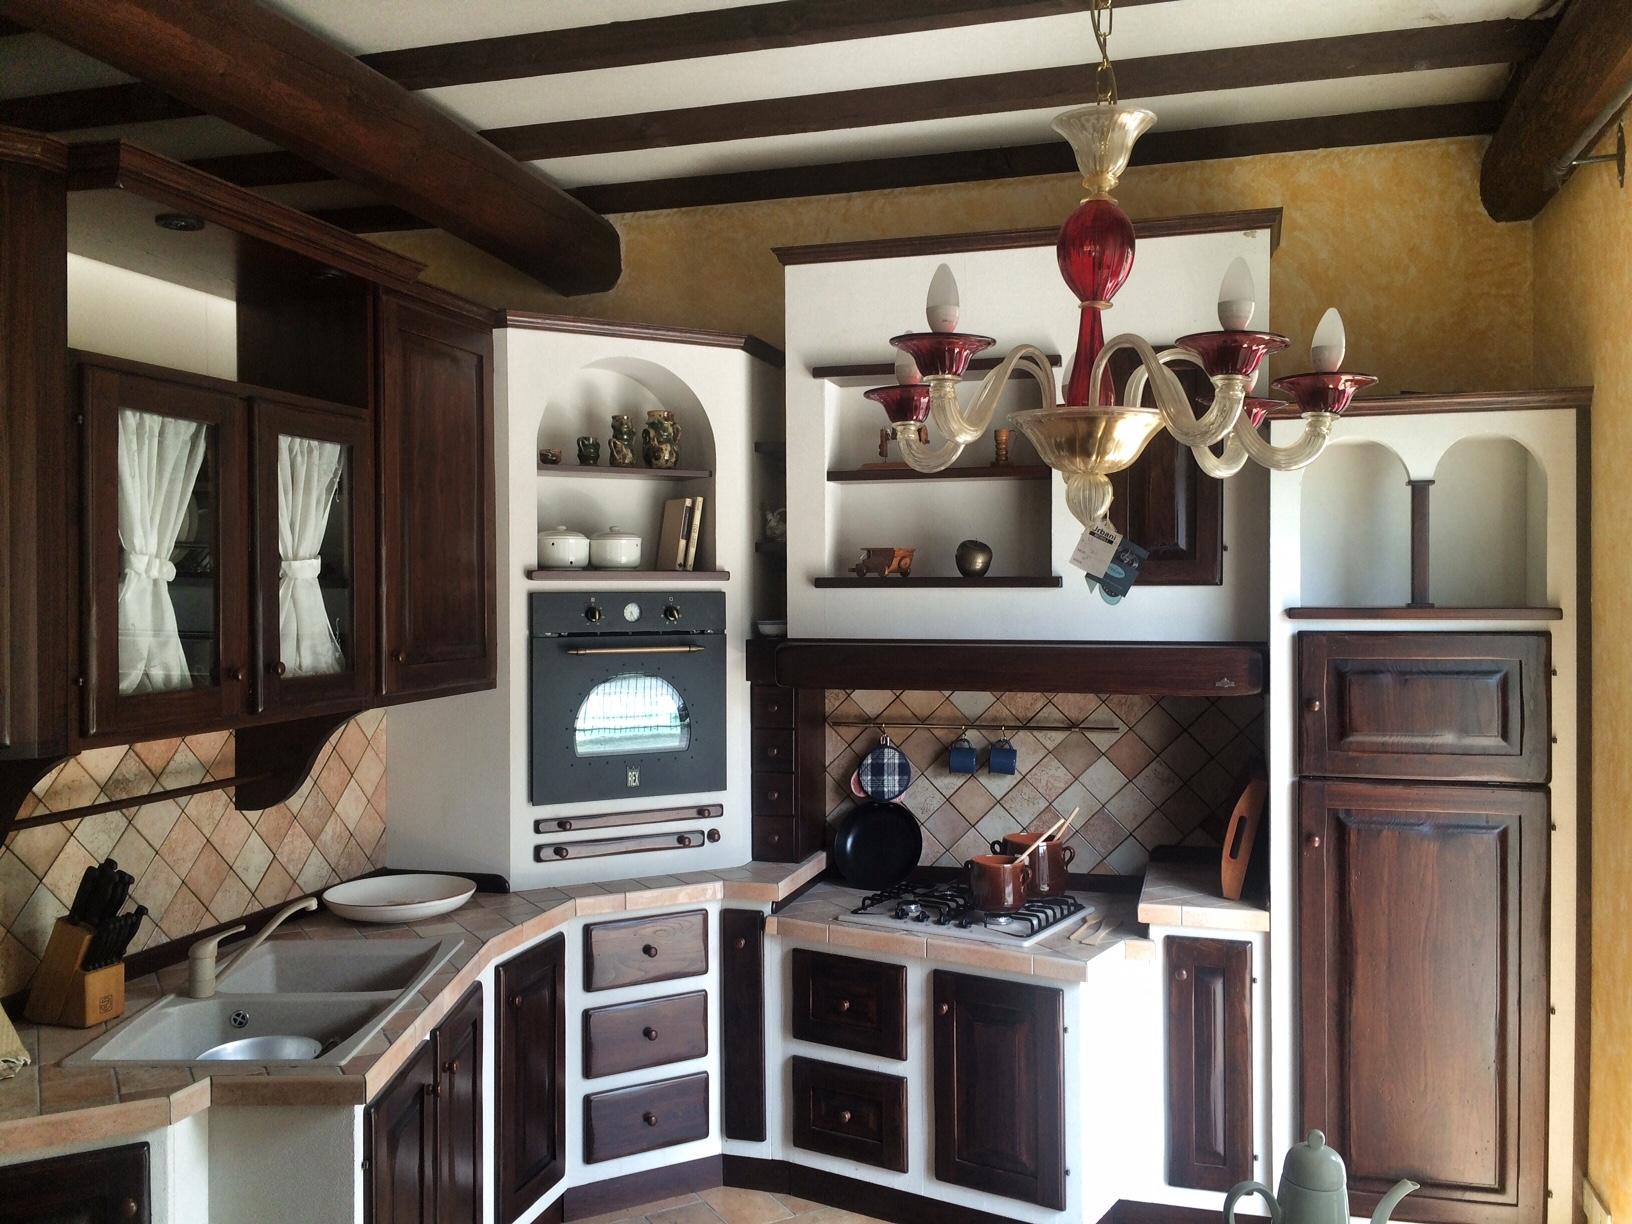 Cucine ad angolo zappalorto a prezzi scontati cucine a - Cucine in muratura ad angolo ...